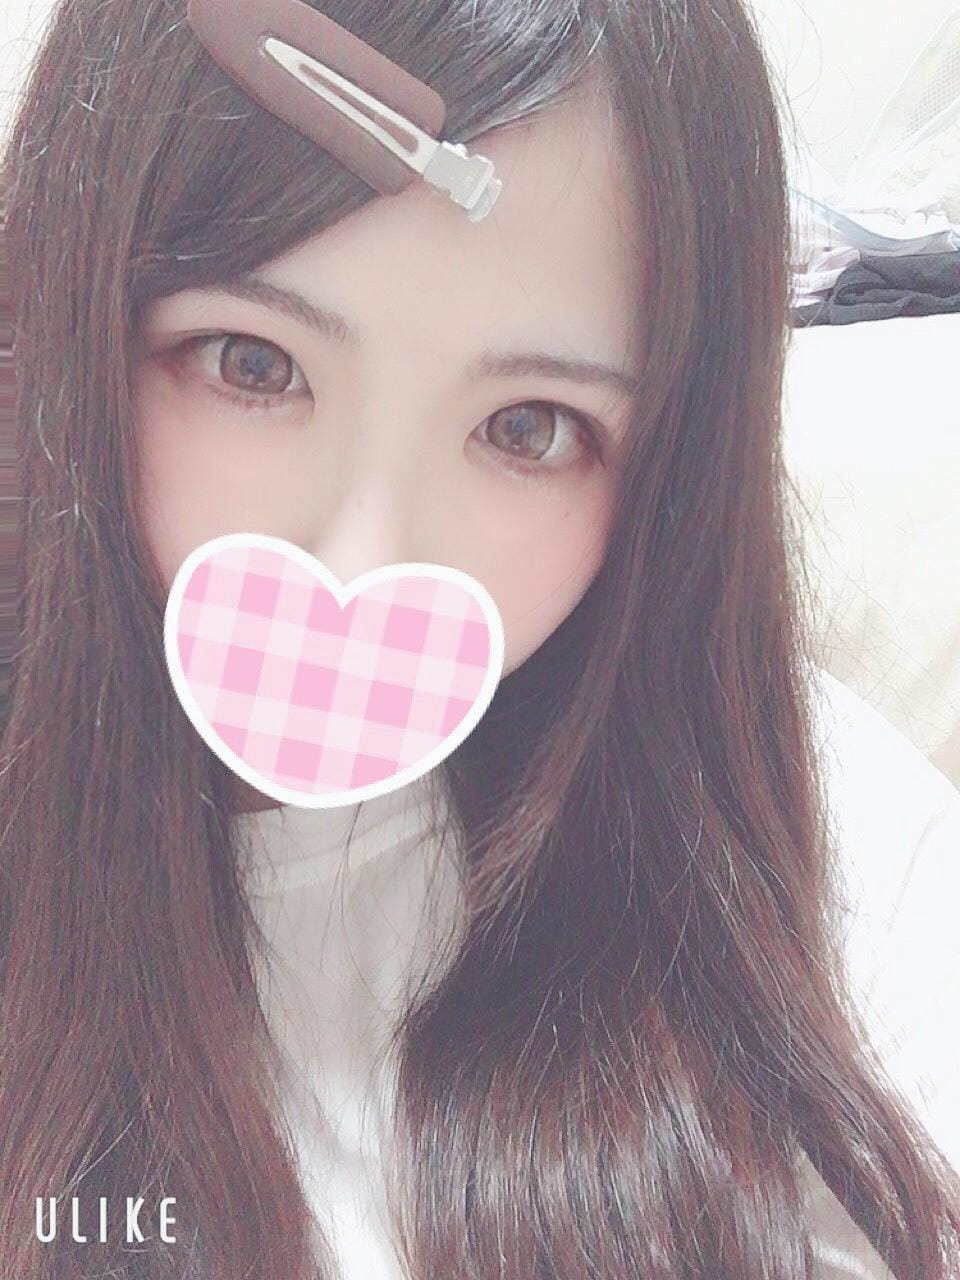 「お誘い待ってます♡」04/09(04/09) 10:25 | みさきの写メ・風俗動画